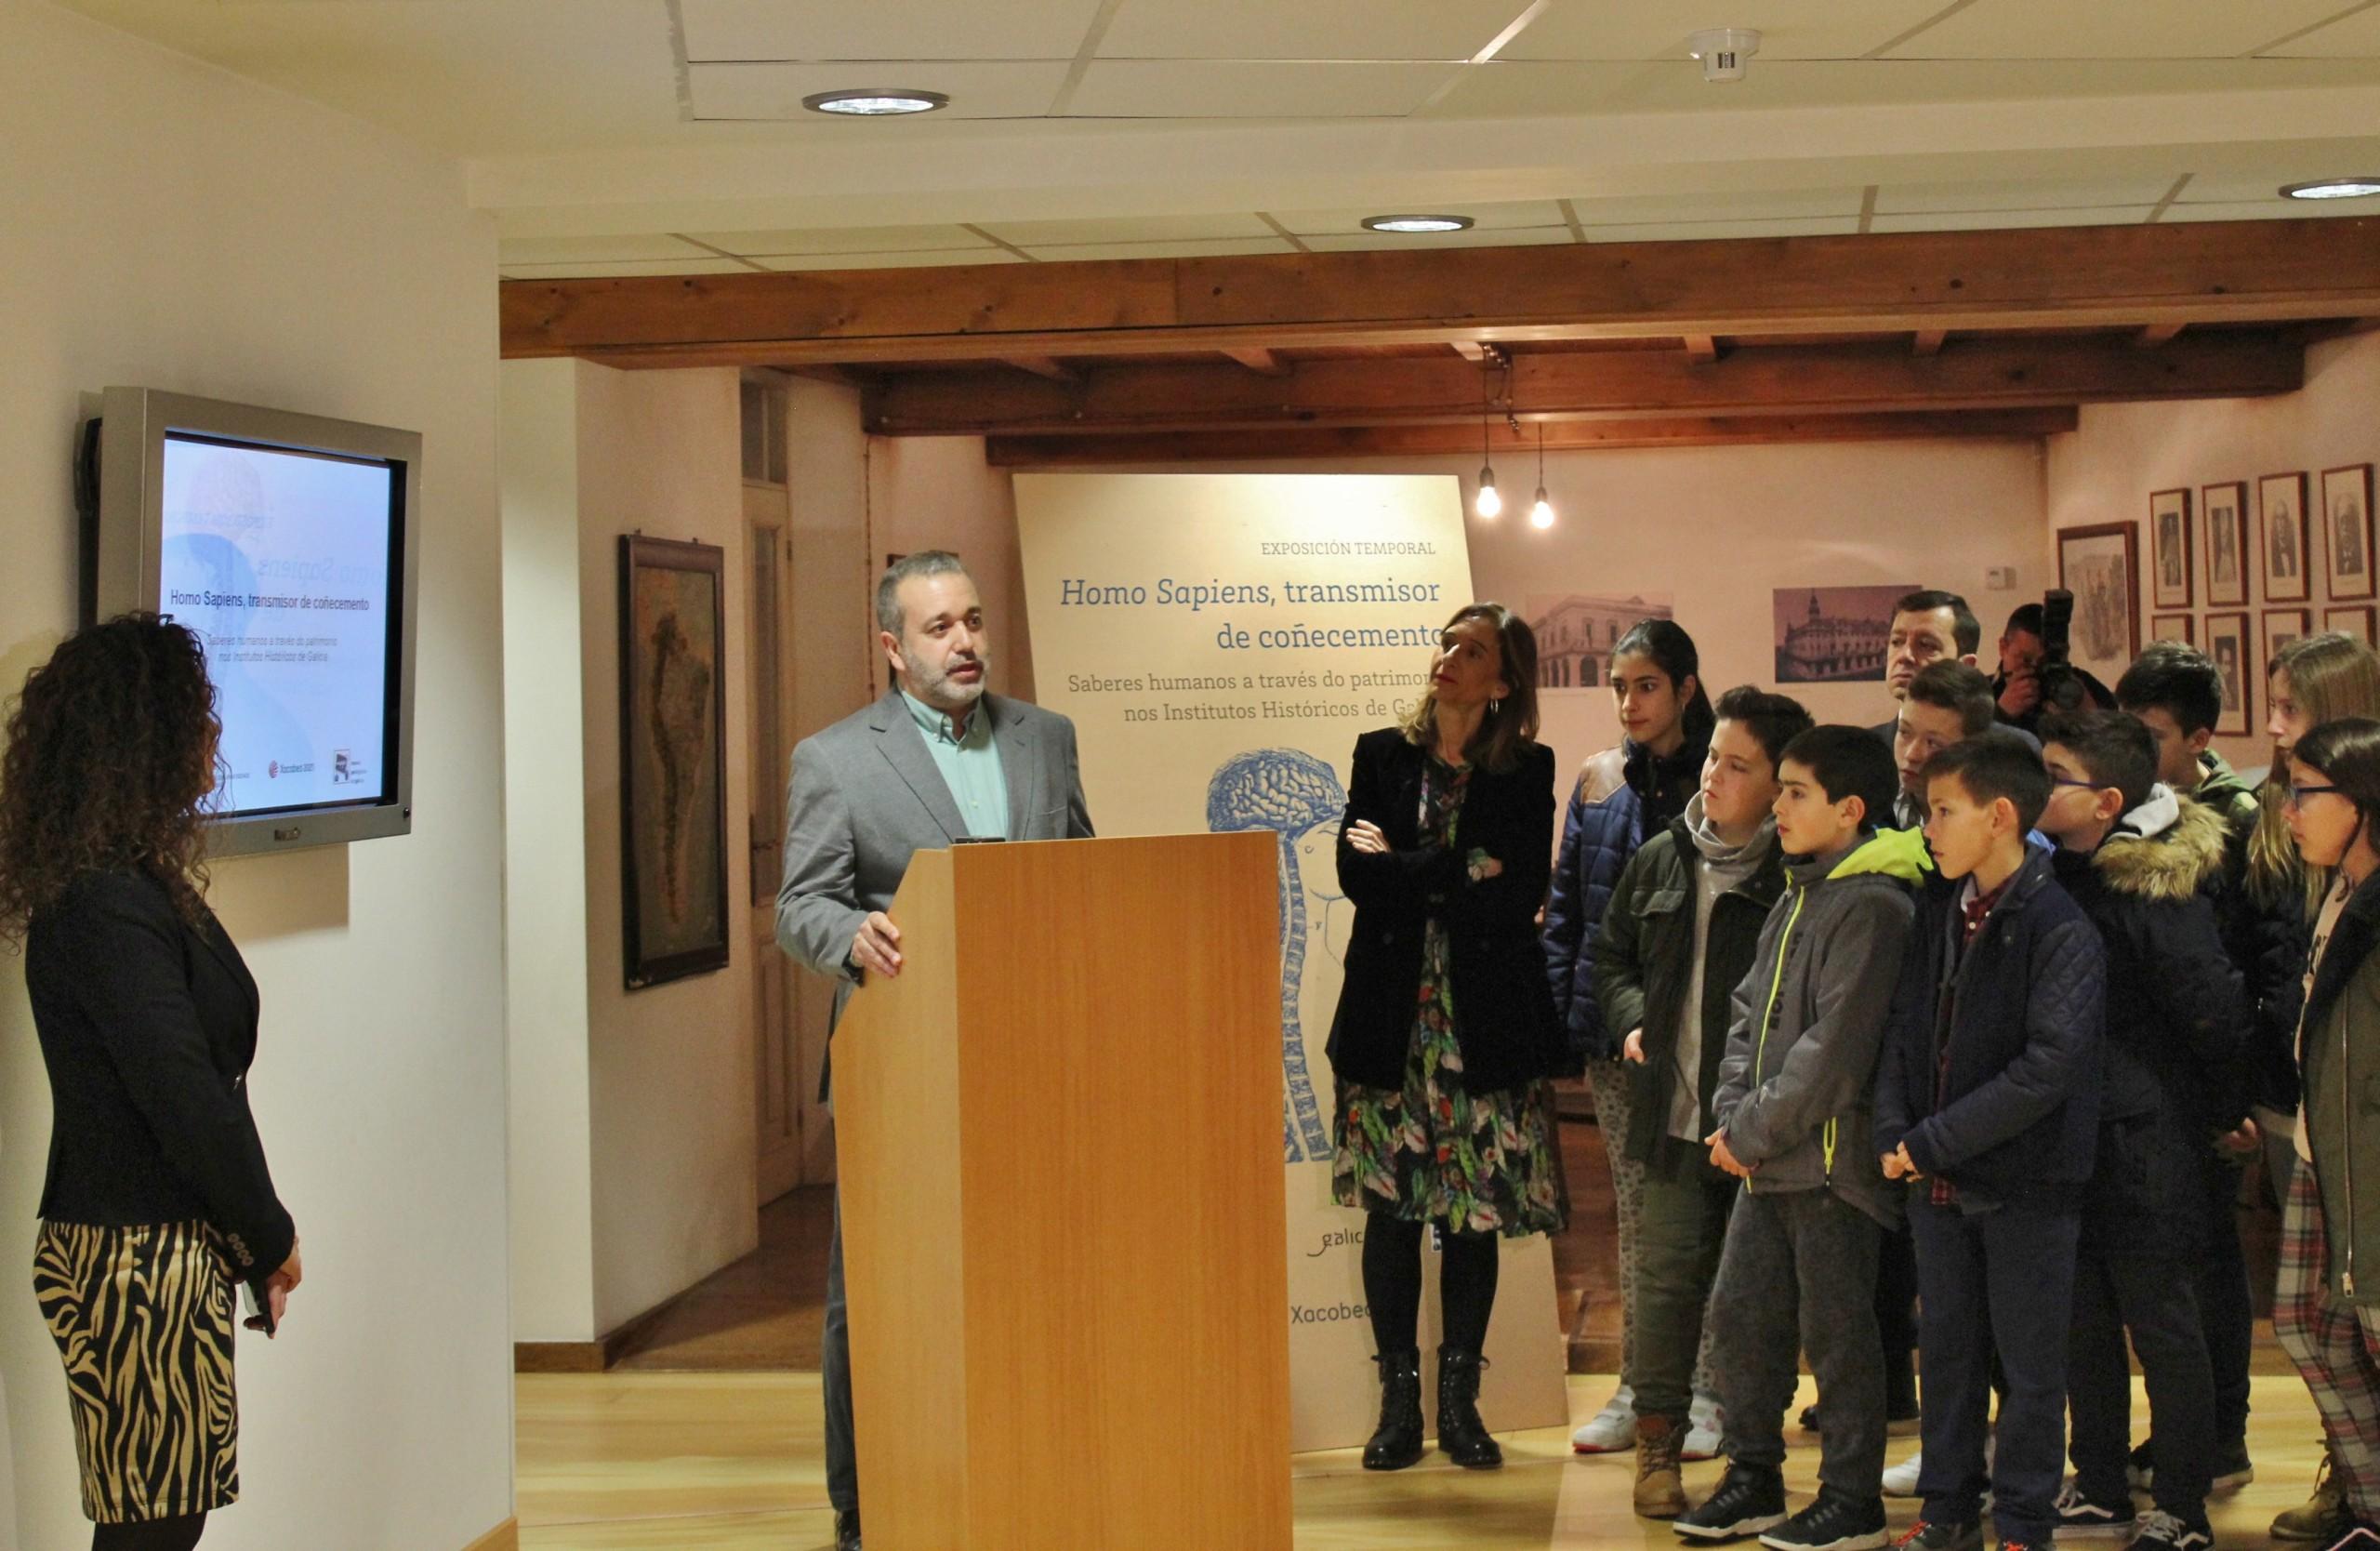 El comisario de la exposición, Antonio Cepeda, acompañado de la conselleira de Educación, de la directora del museo y de un grupo de alumnos y alumnas